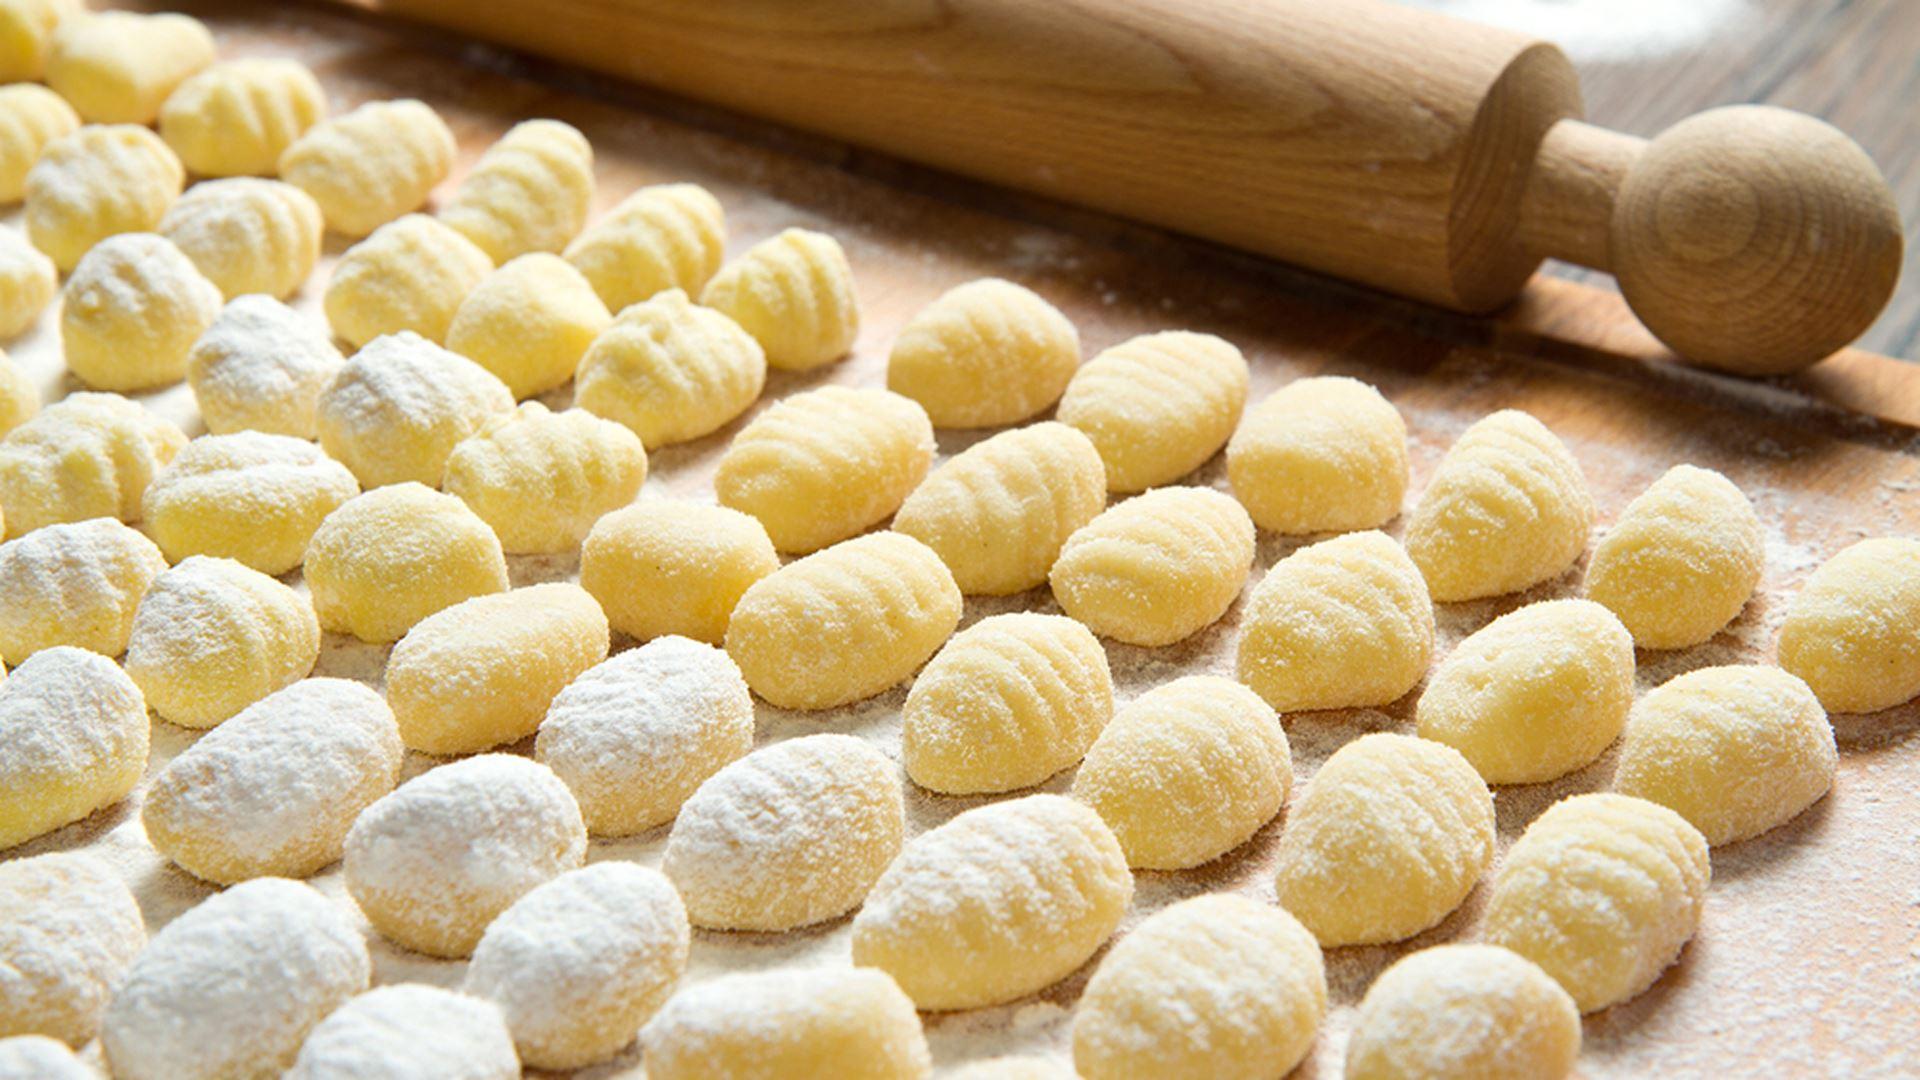 Ricetta Gnocchi Di Patate Novelle.Gnocchi Di Patate L Impasto Perfetto La Cucina Di Bacco